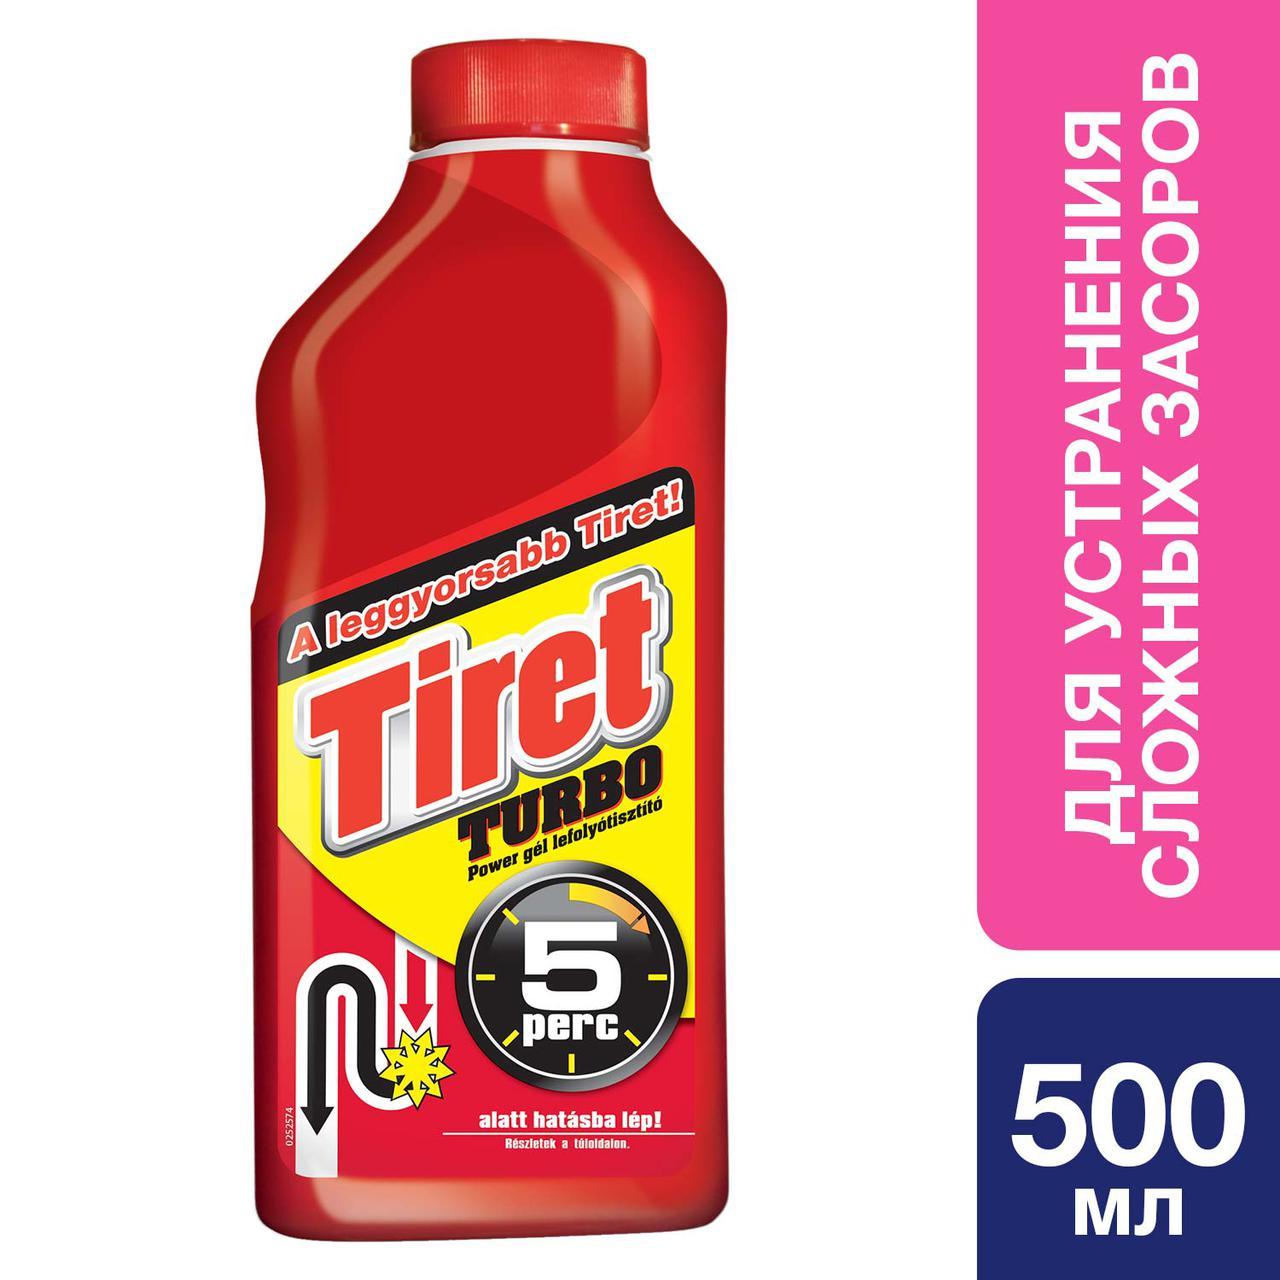 Высокоэфективное засіб для чищення каналізаційних труб TIRET TURBO 500ml